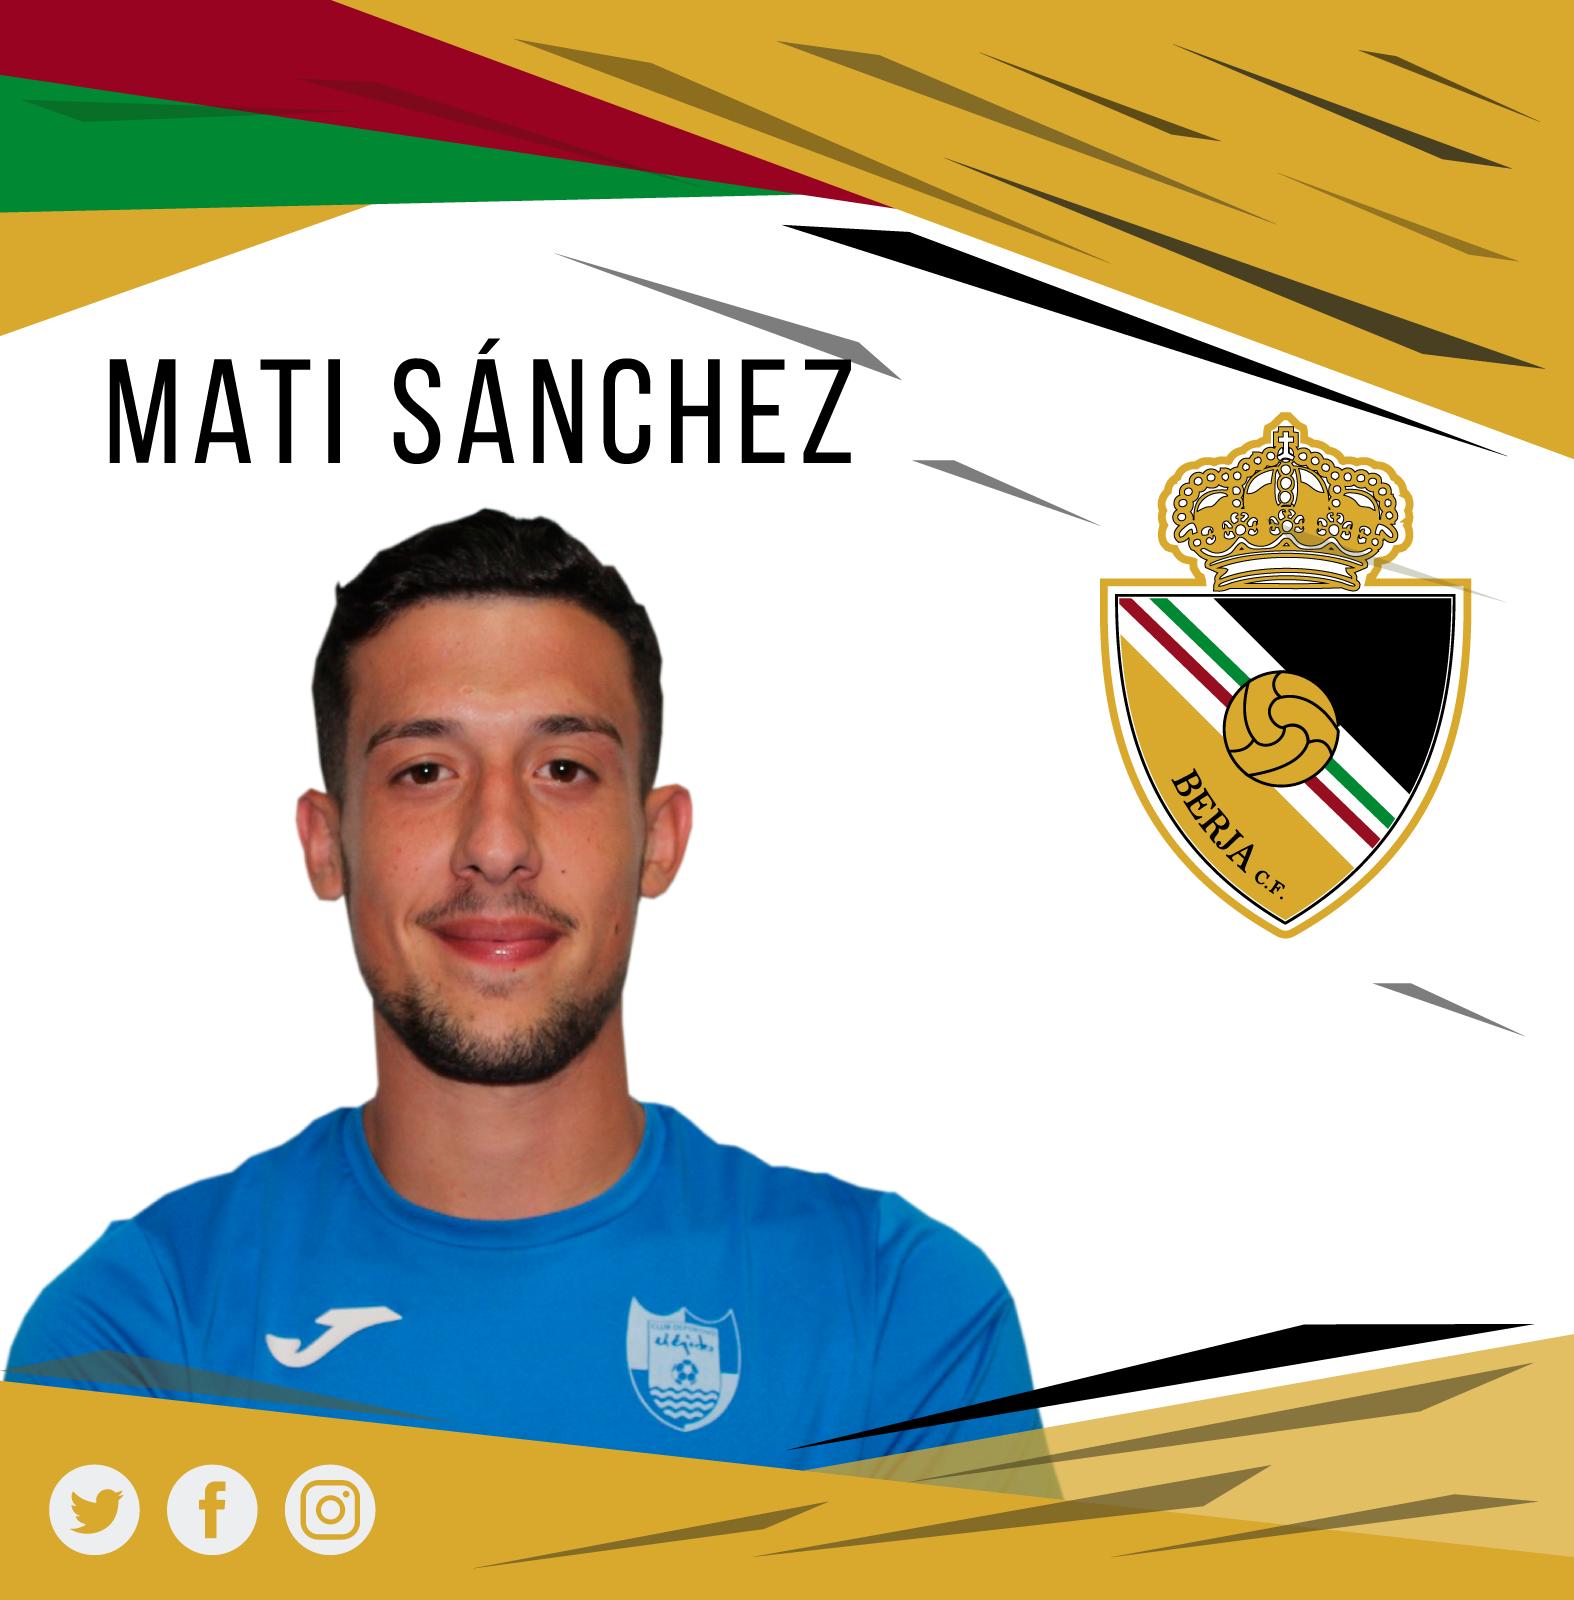 El central Mati Sánchez renueva con el Berja CF